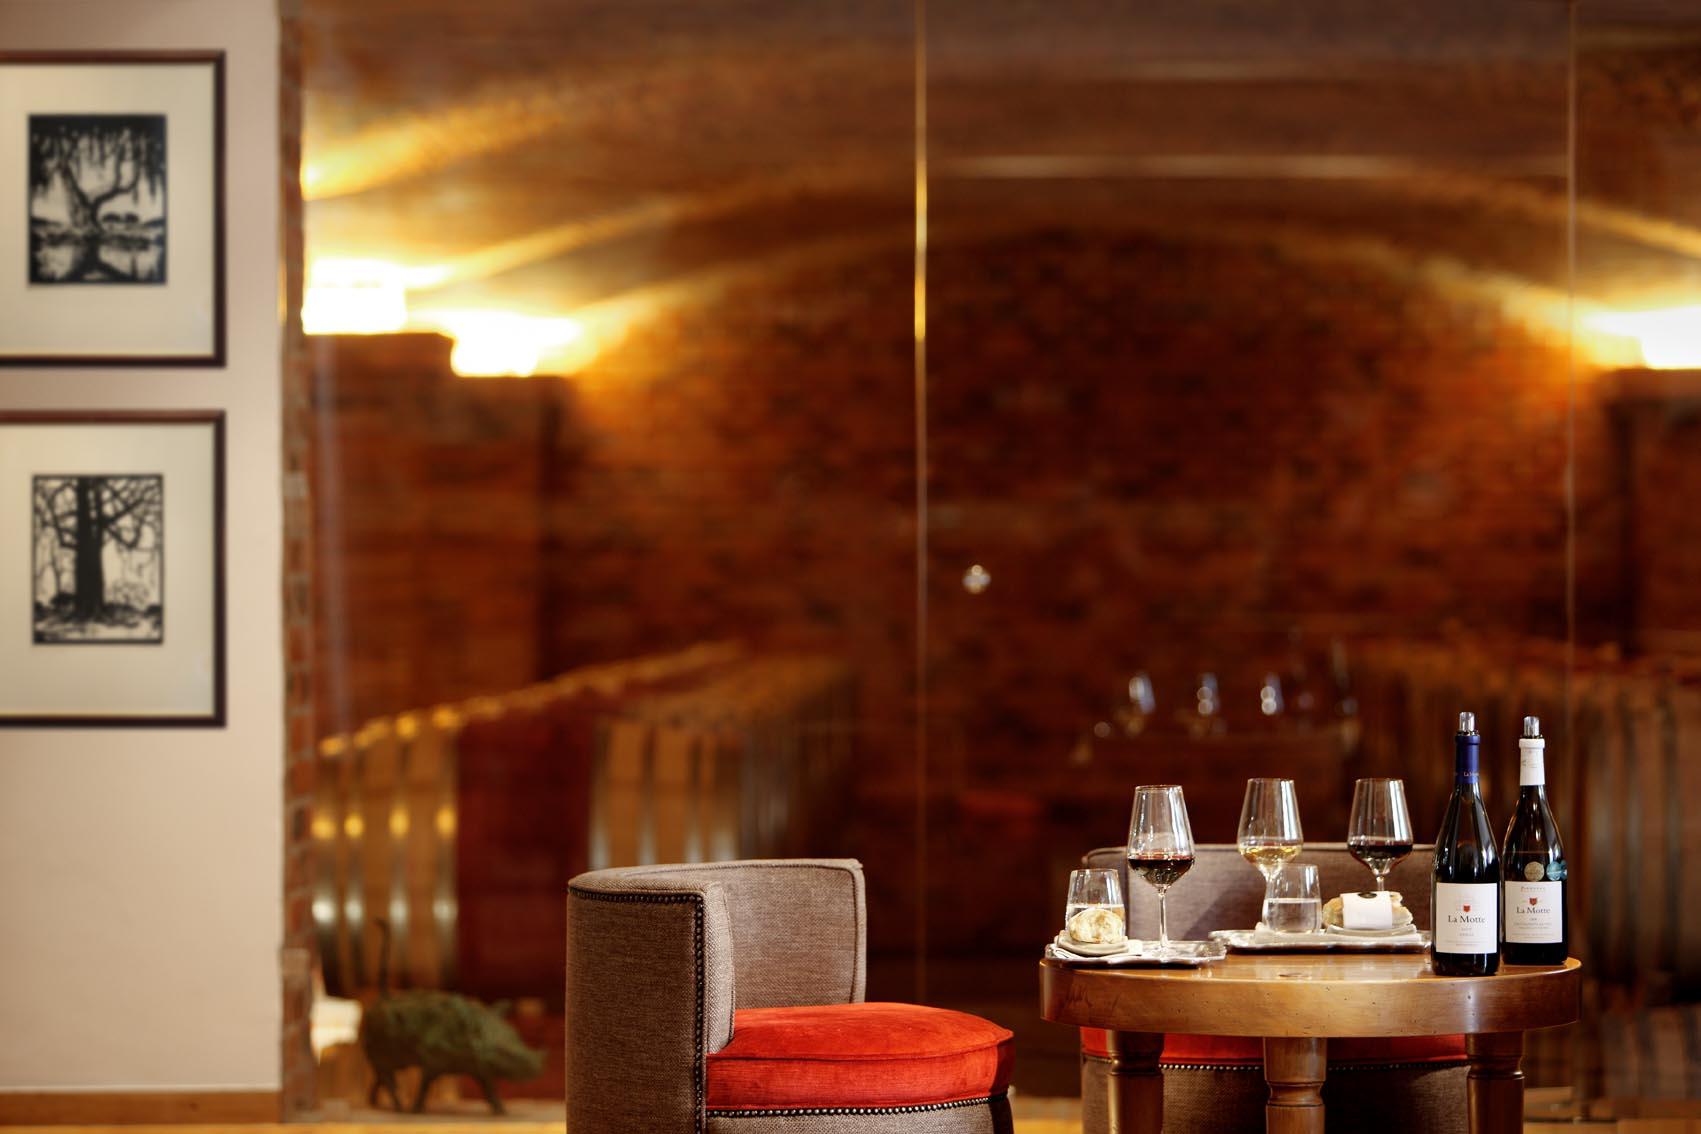 Impressions of La Motte Tasting Room